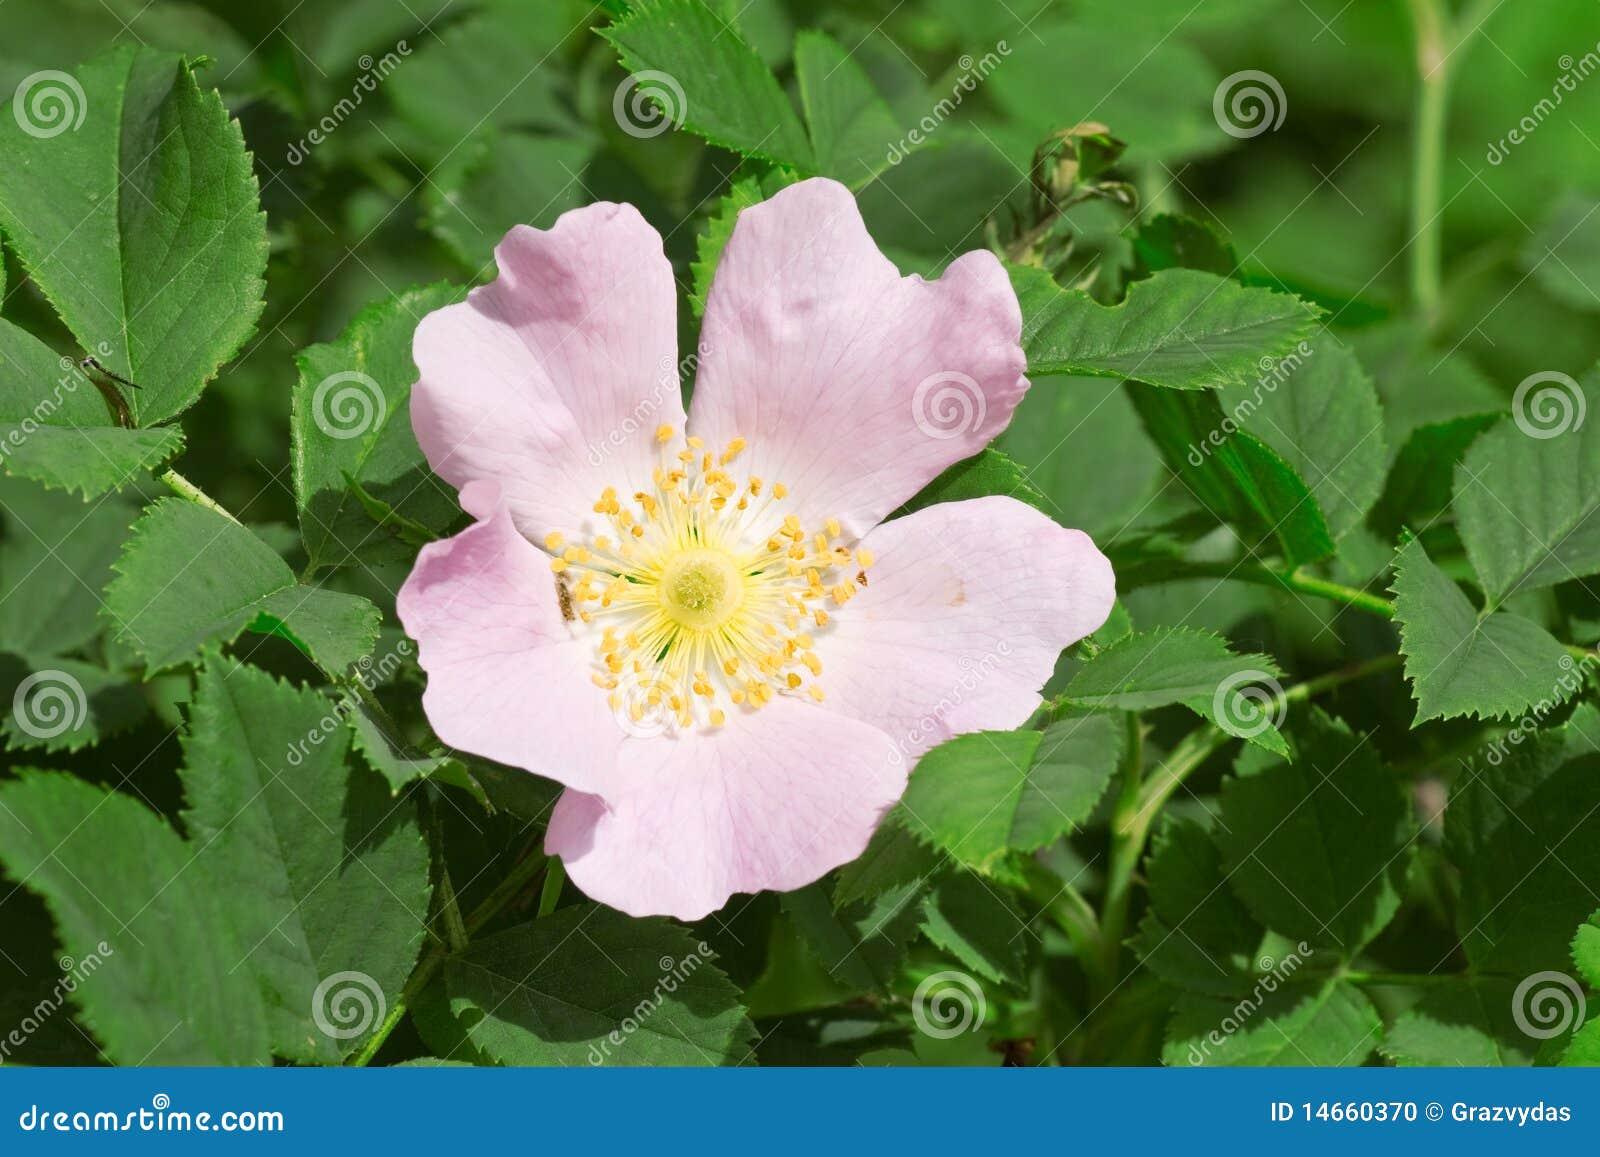 fleur rose sauvage de fleur photo stock - image: 14660370